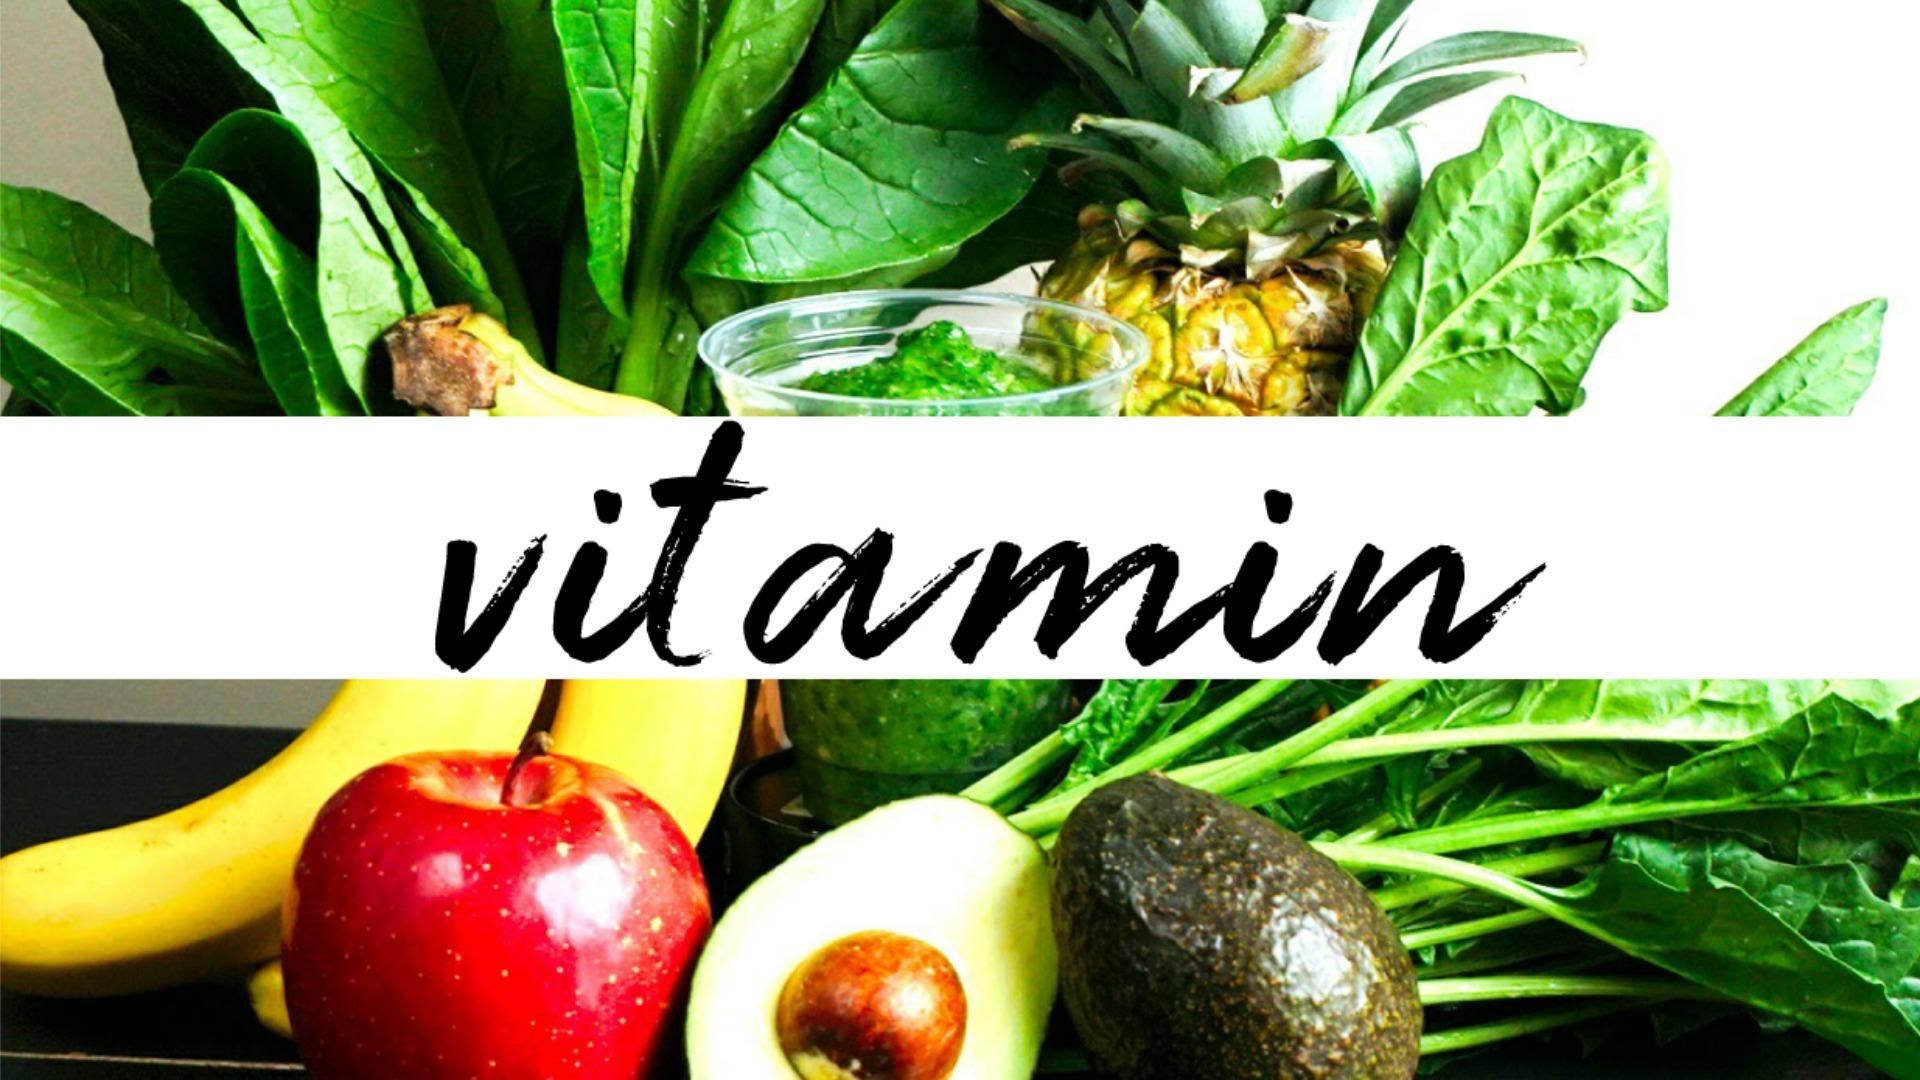 Vitamin 働く女性たちへ